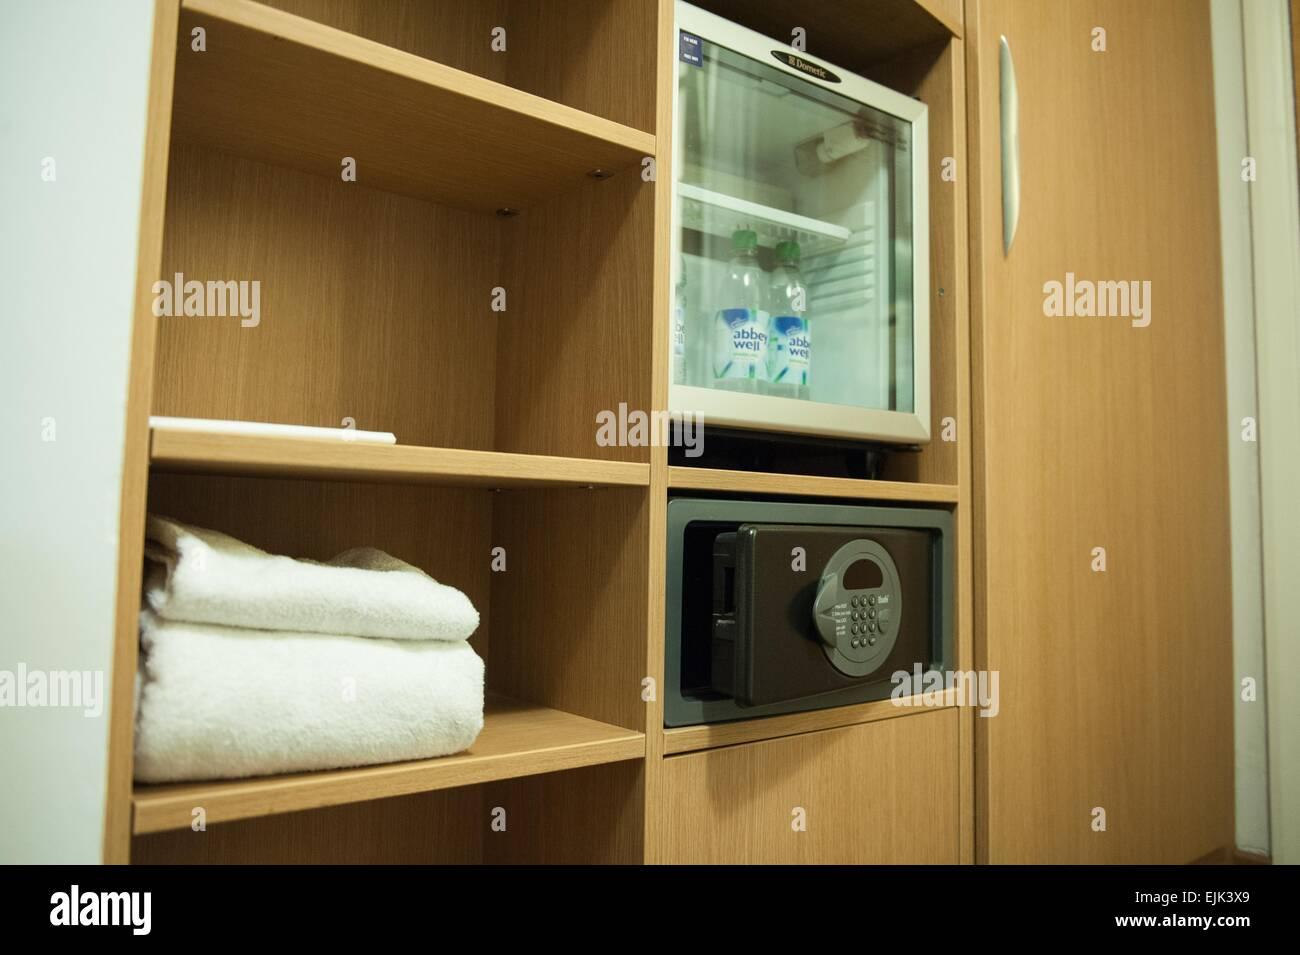 Minibar Mit Kühlschrank : Minibar kühlschrank in berlin ebay kleinanzeigen